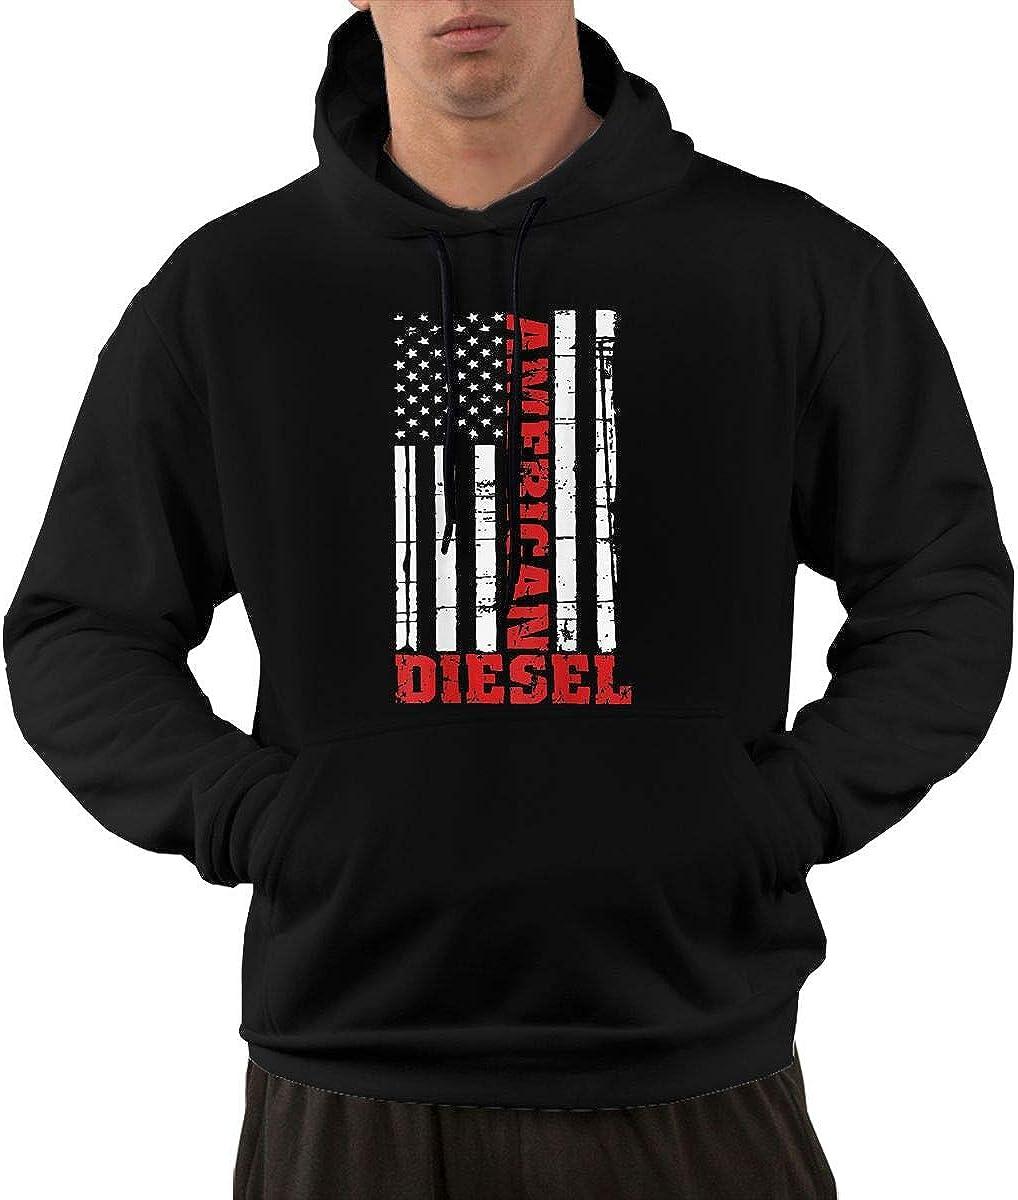 American Diesel Flag Truck Turbo Brothers Mens Sweatshirt Hoodie Comfort Hoodies